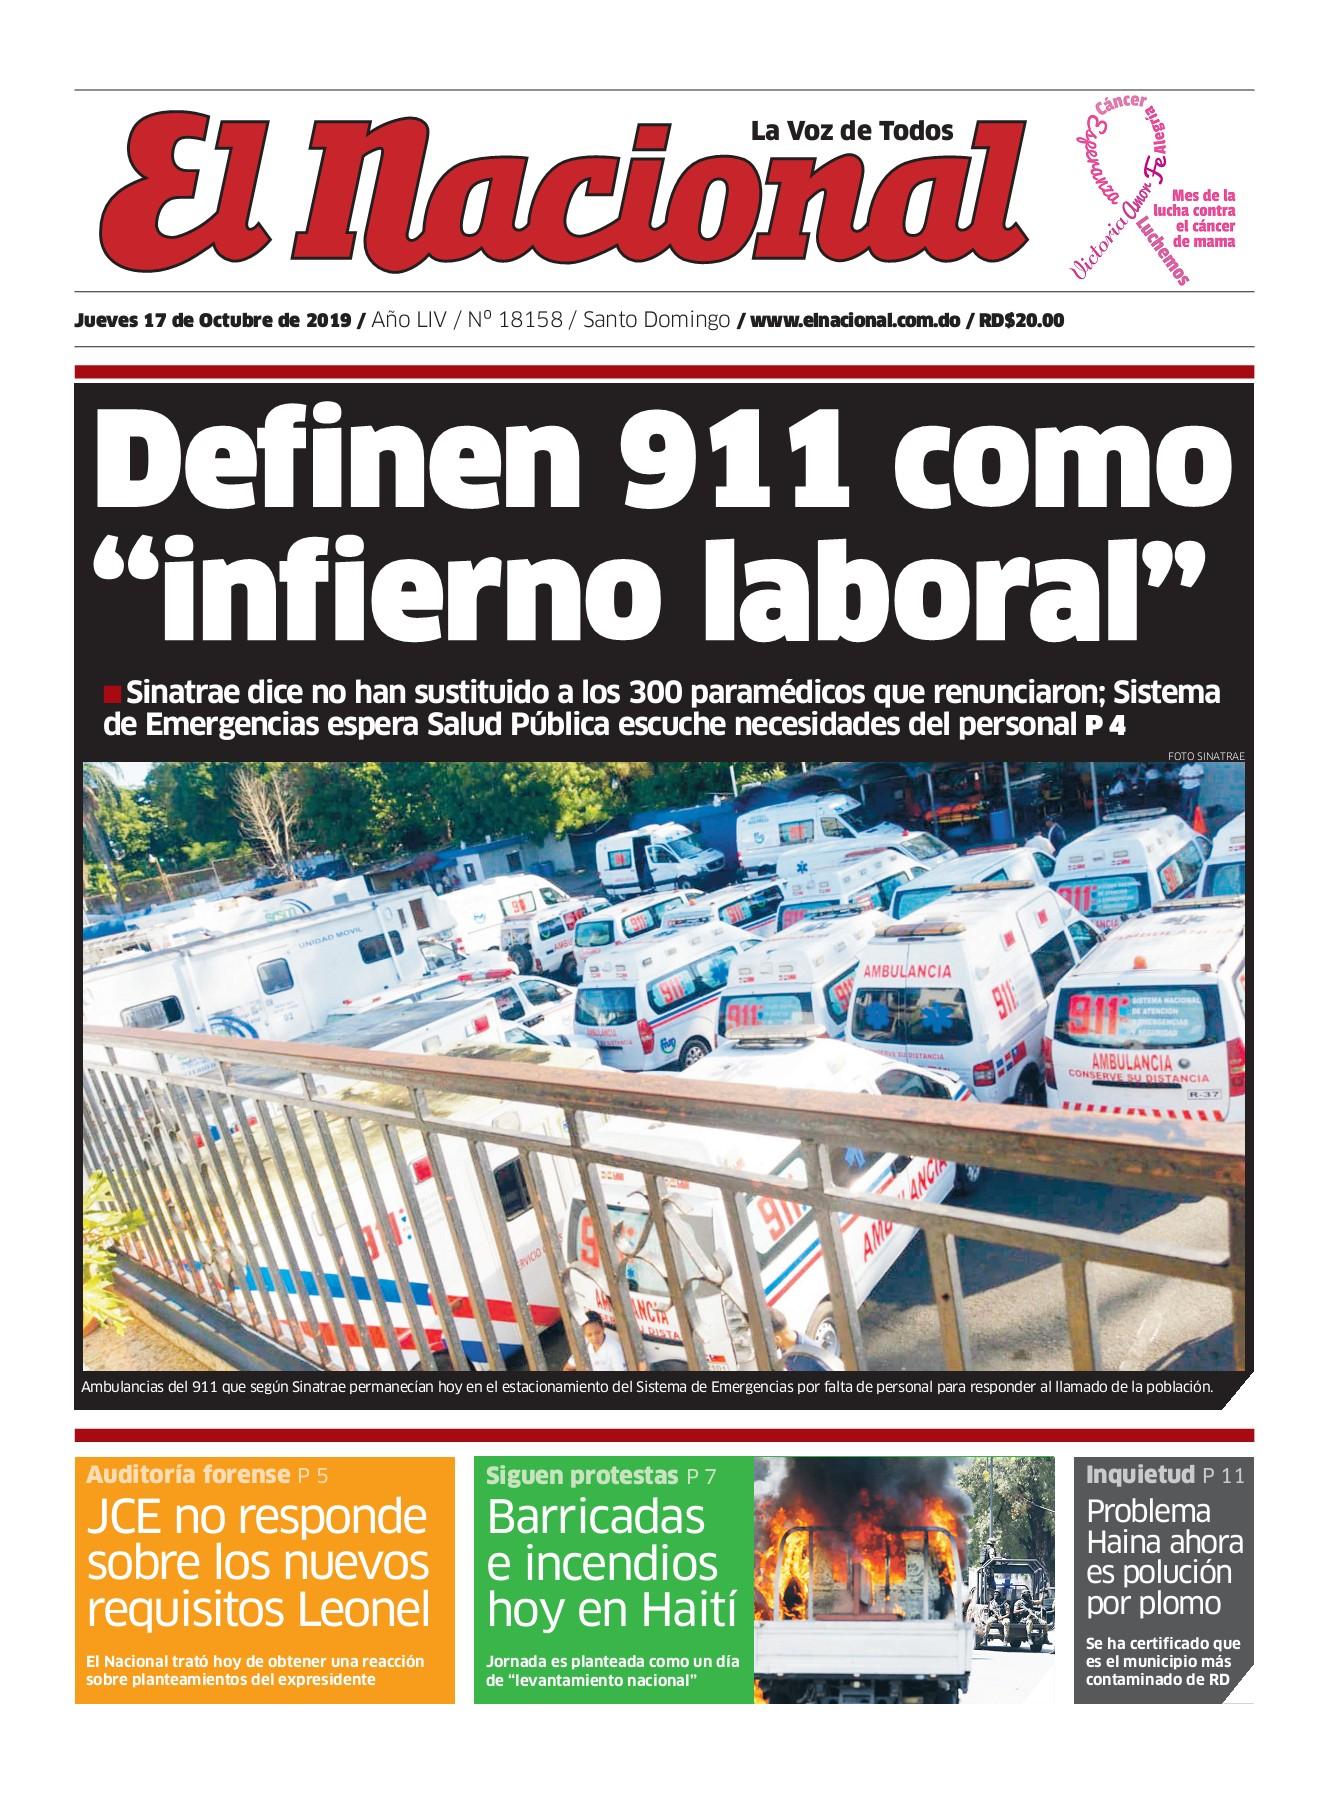 Portada Periódico El Nacional, Jueves 17 de Octubre, 2019